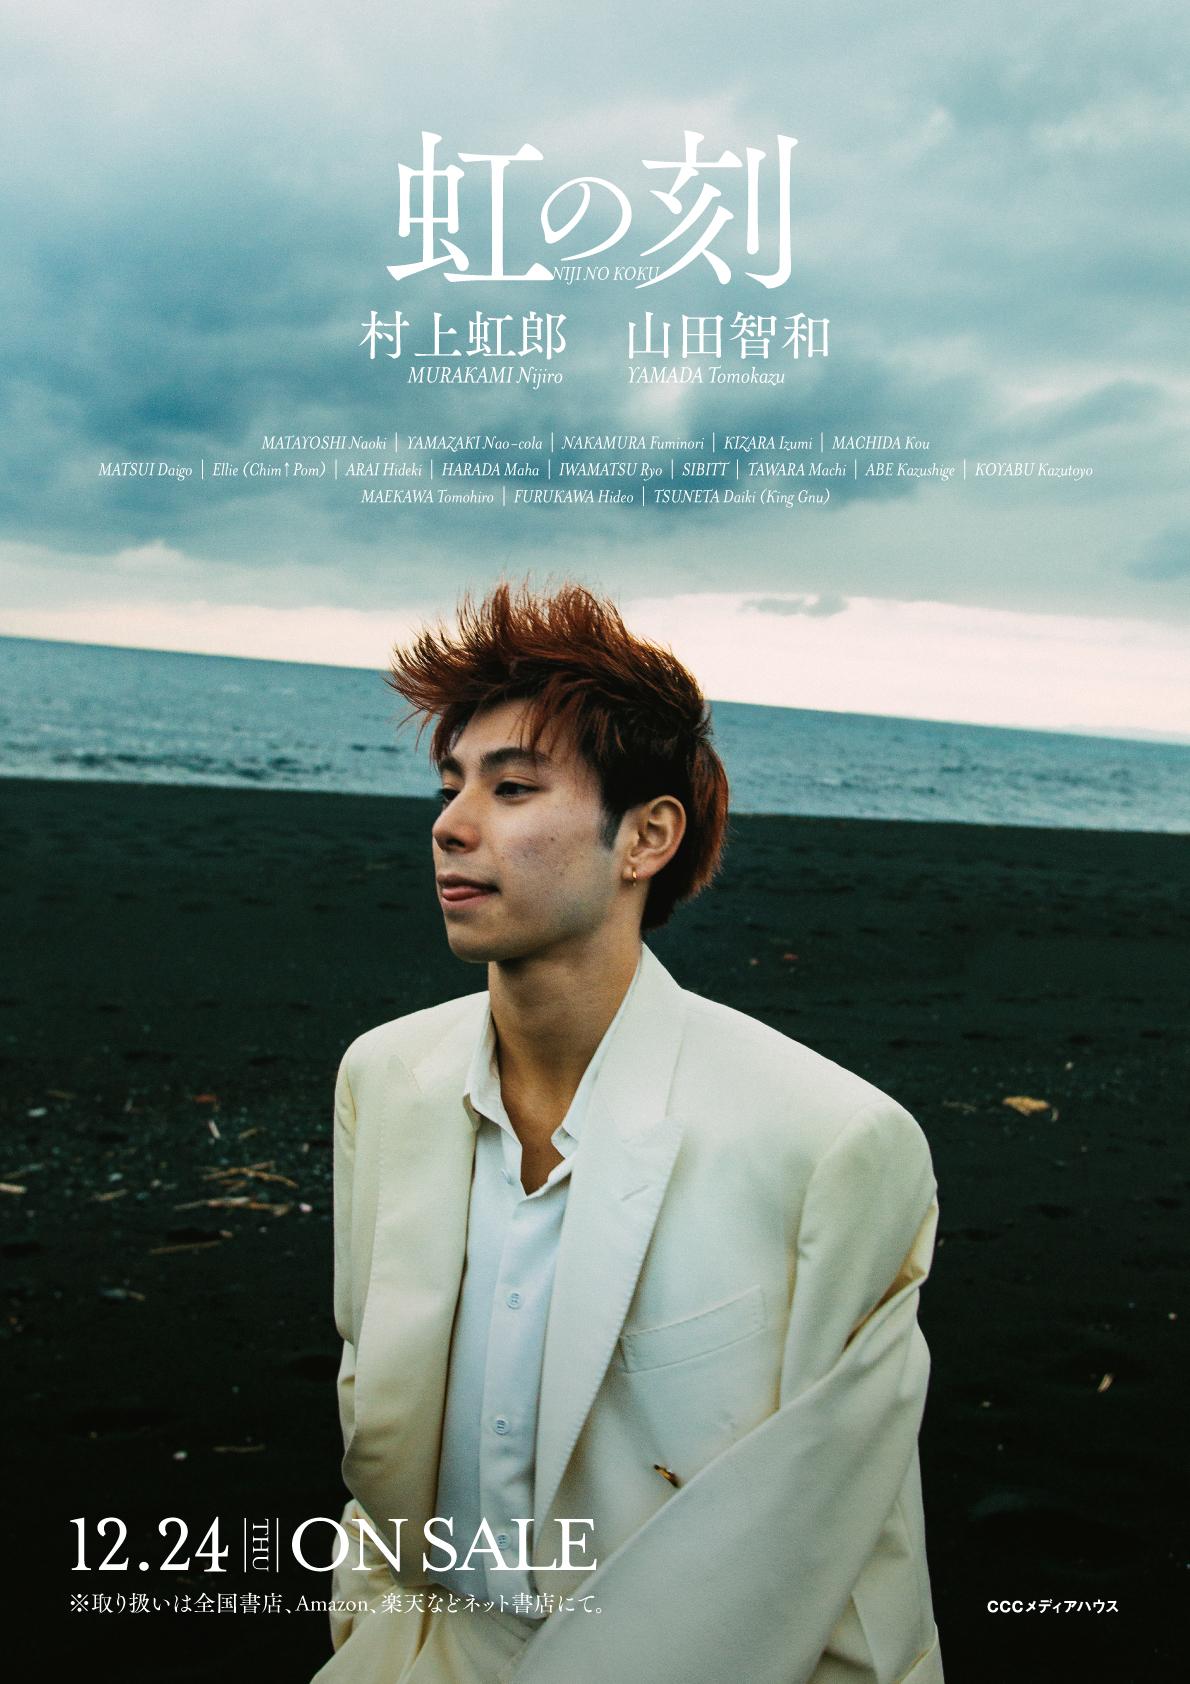 フォトブック『虹の刻』(にじのこく)  著:村上虹郎 写真:山田智和 CCCメディアハウス